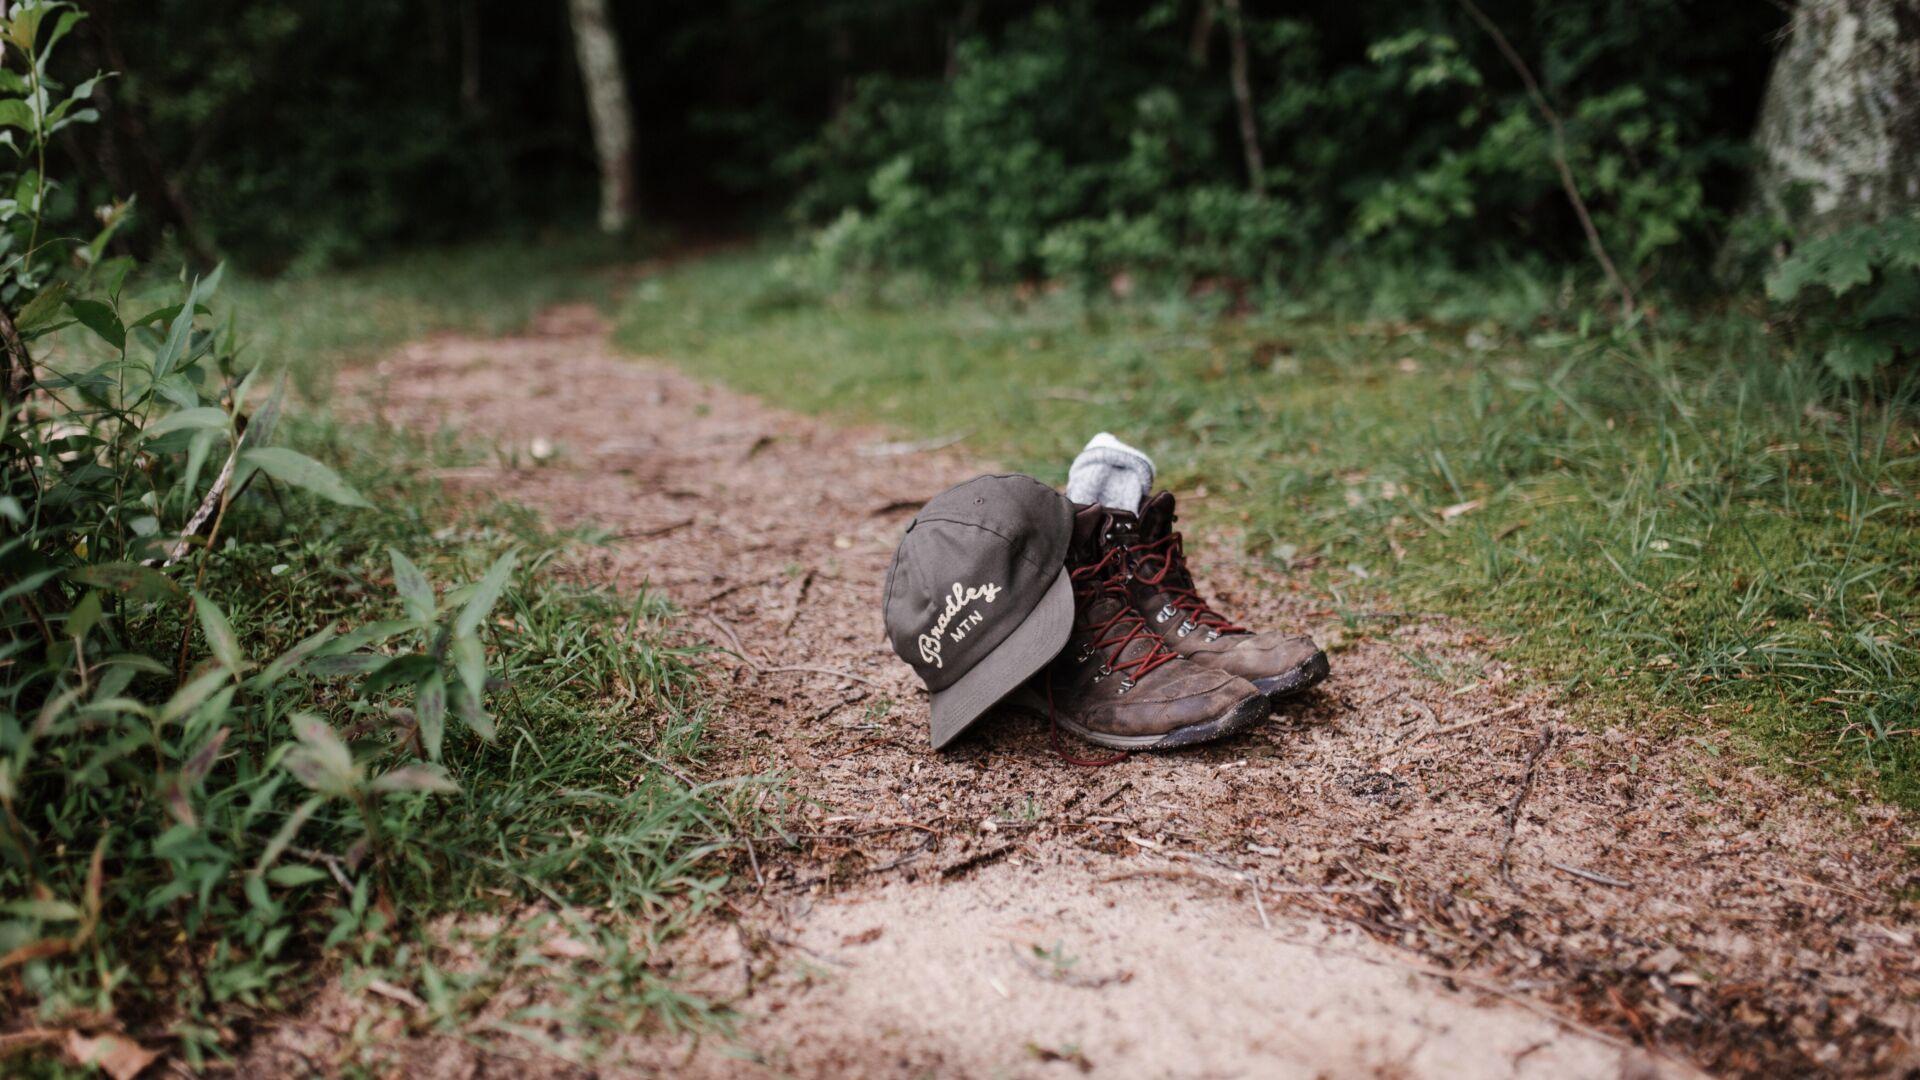 Verlaten wandelschoenen